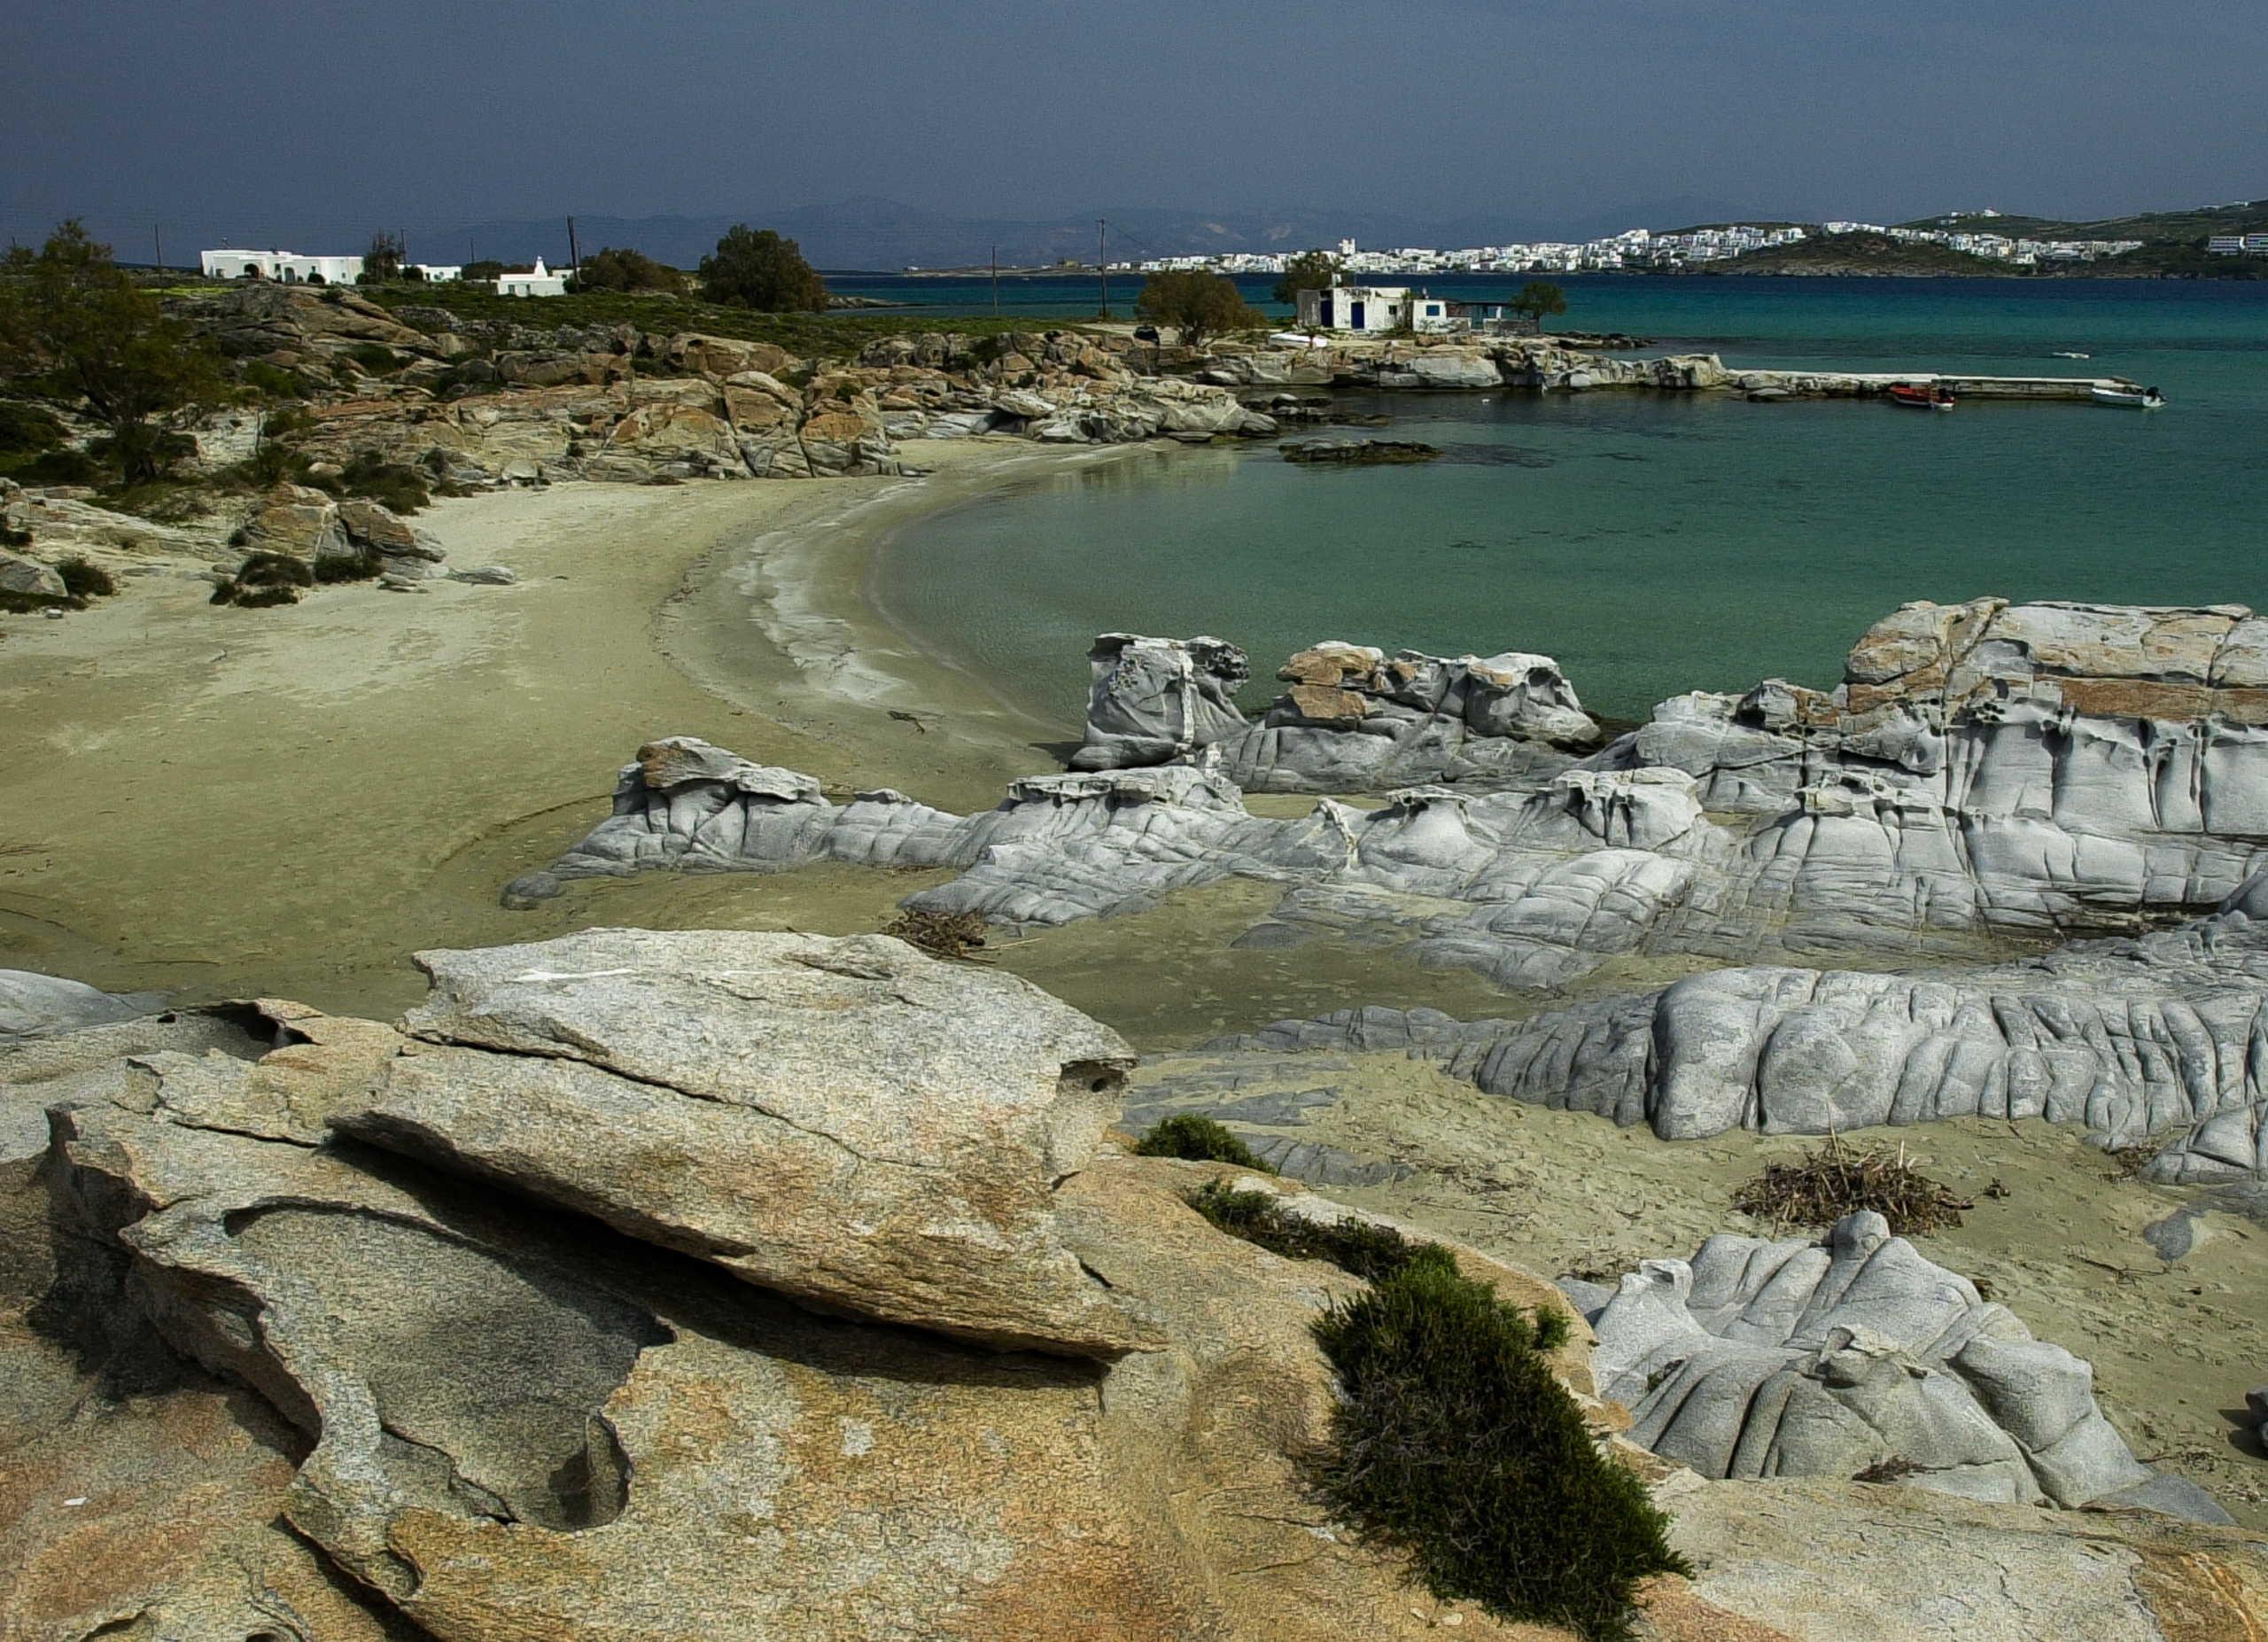 Η Πάρος καλύτερο νησί της Ευρώπης! Ποια άλλα νησιά είναι ψηλά στη λίστα